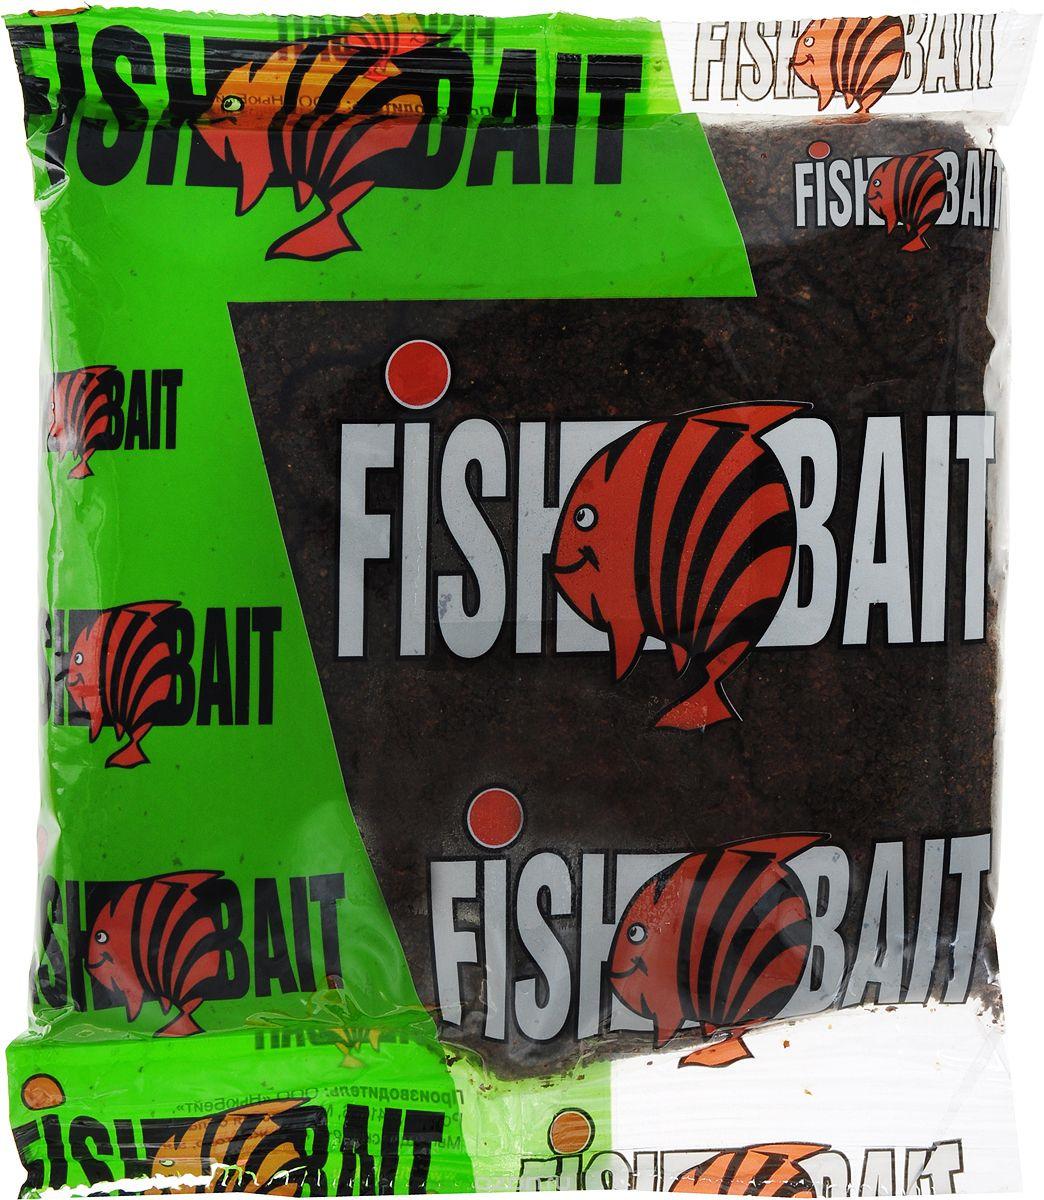 Прикормка FishBait Ice. Бетаин, универсальная, увлажненная, 0,5 кг